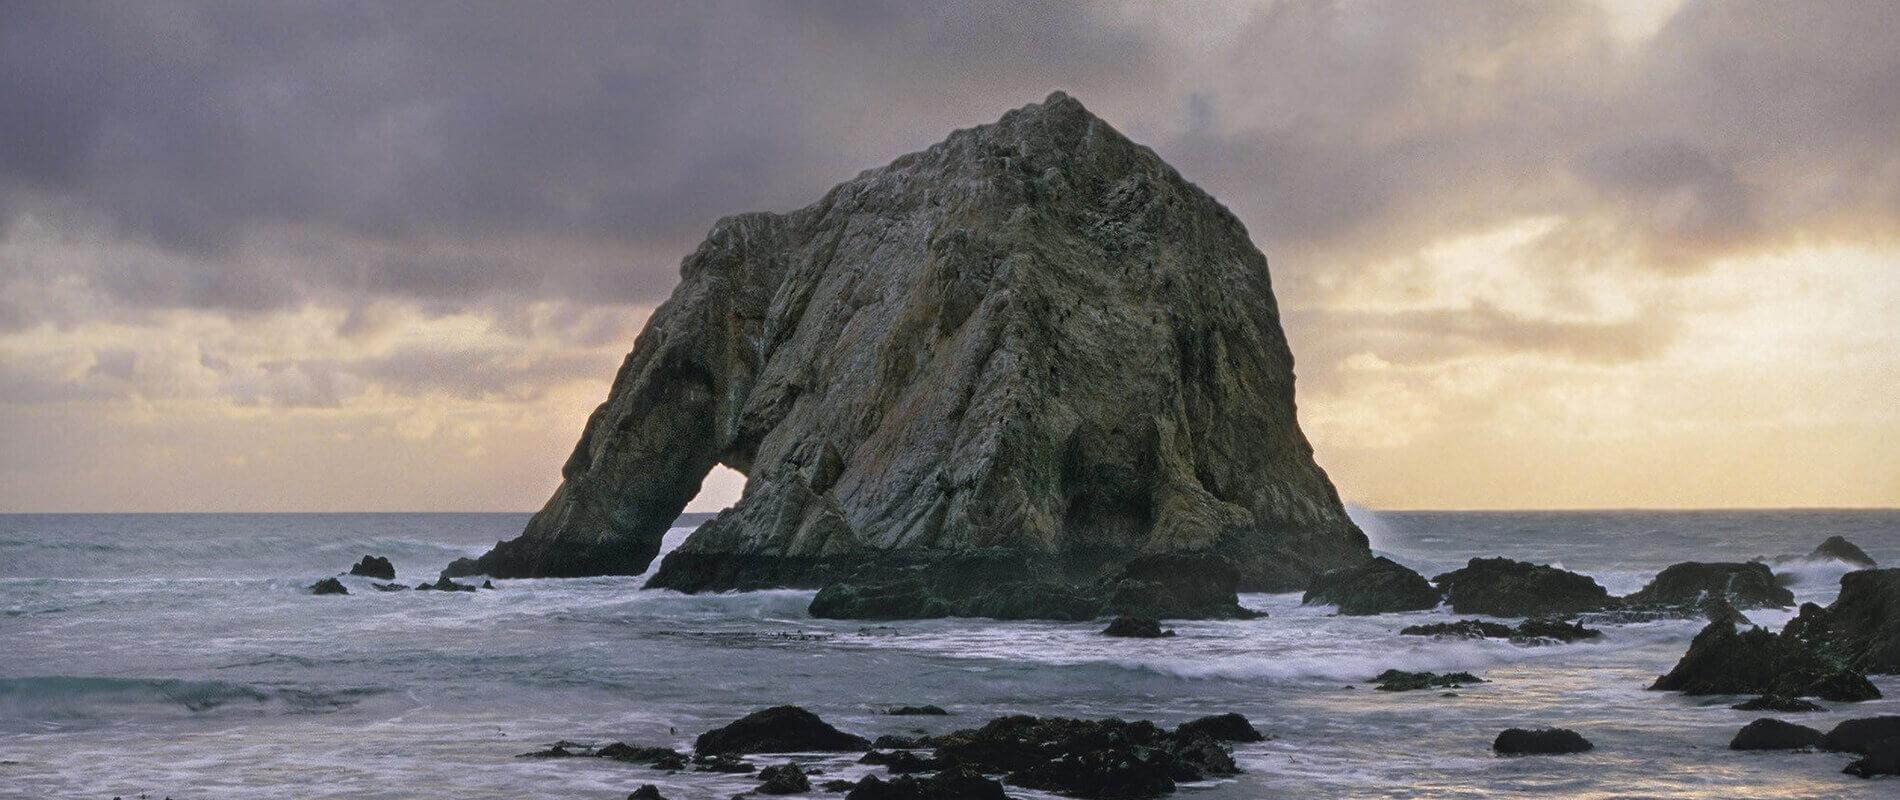 Elephant Rock, il gigantesco elefante di pietra